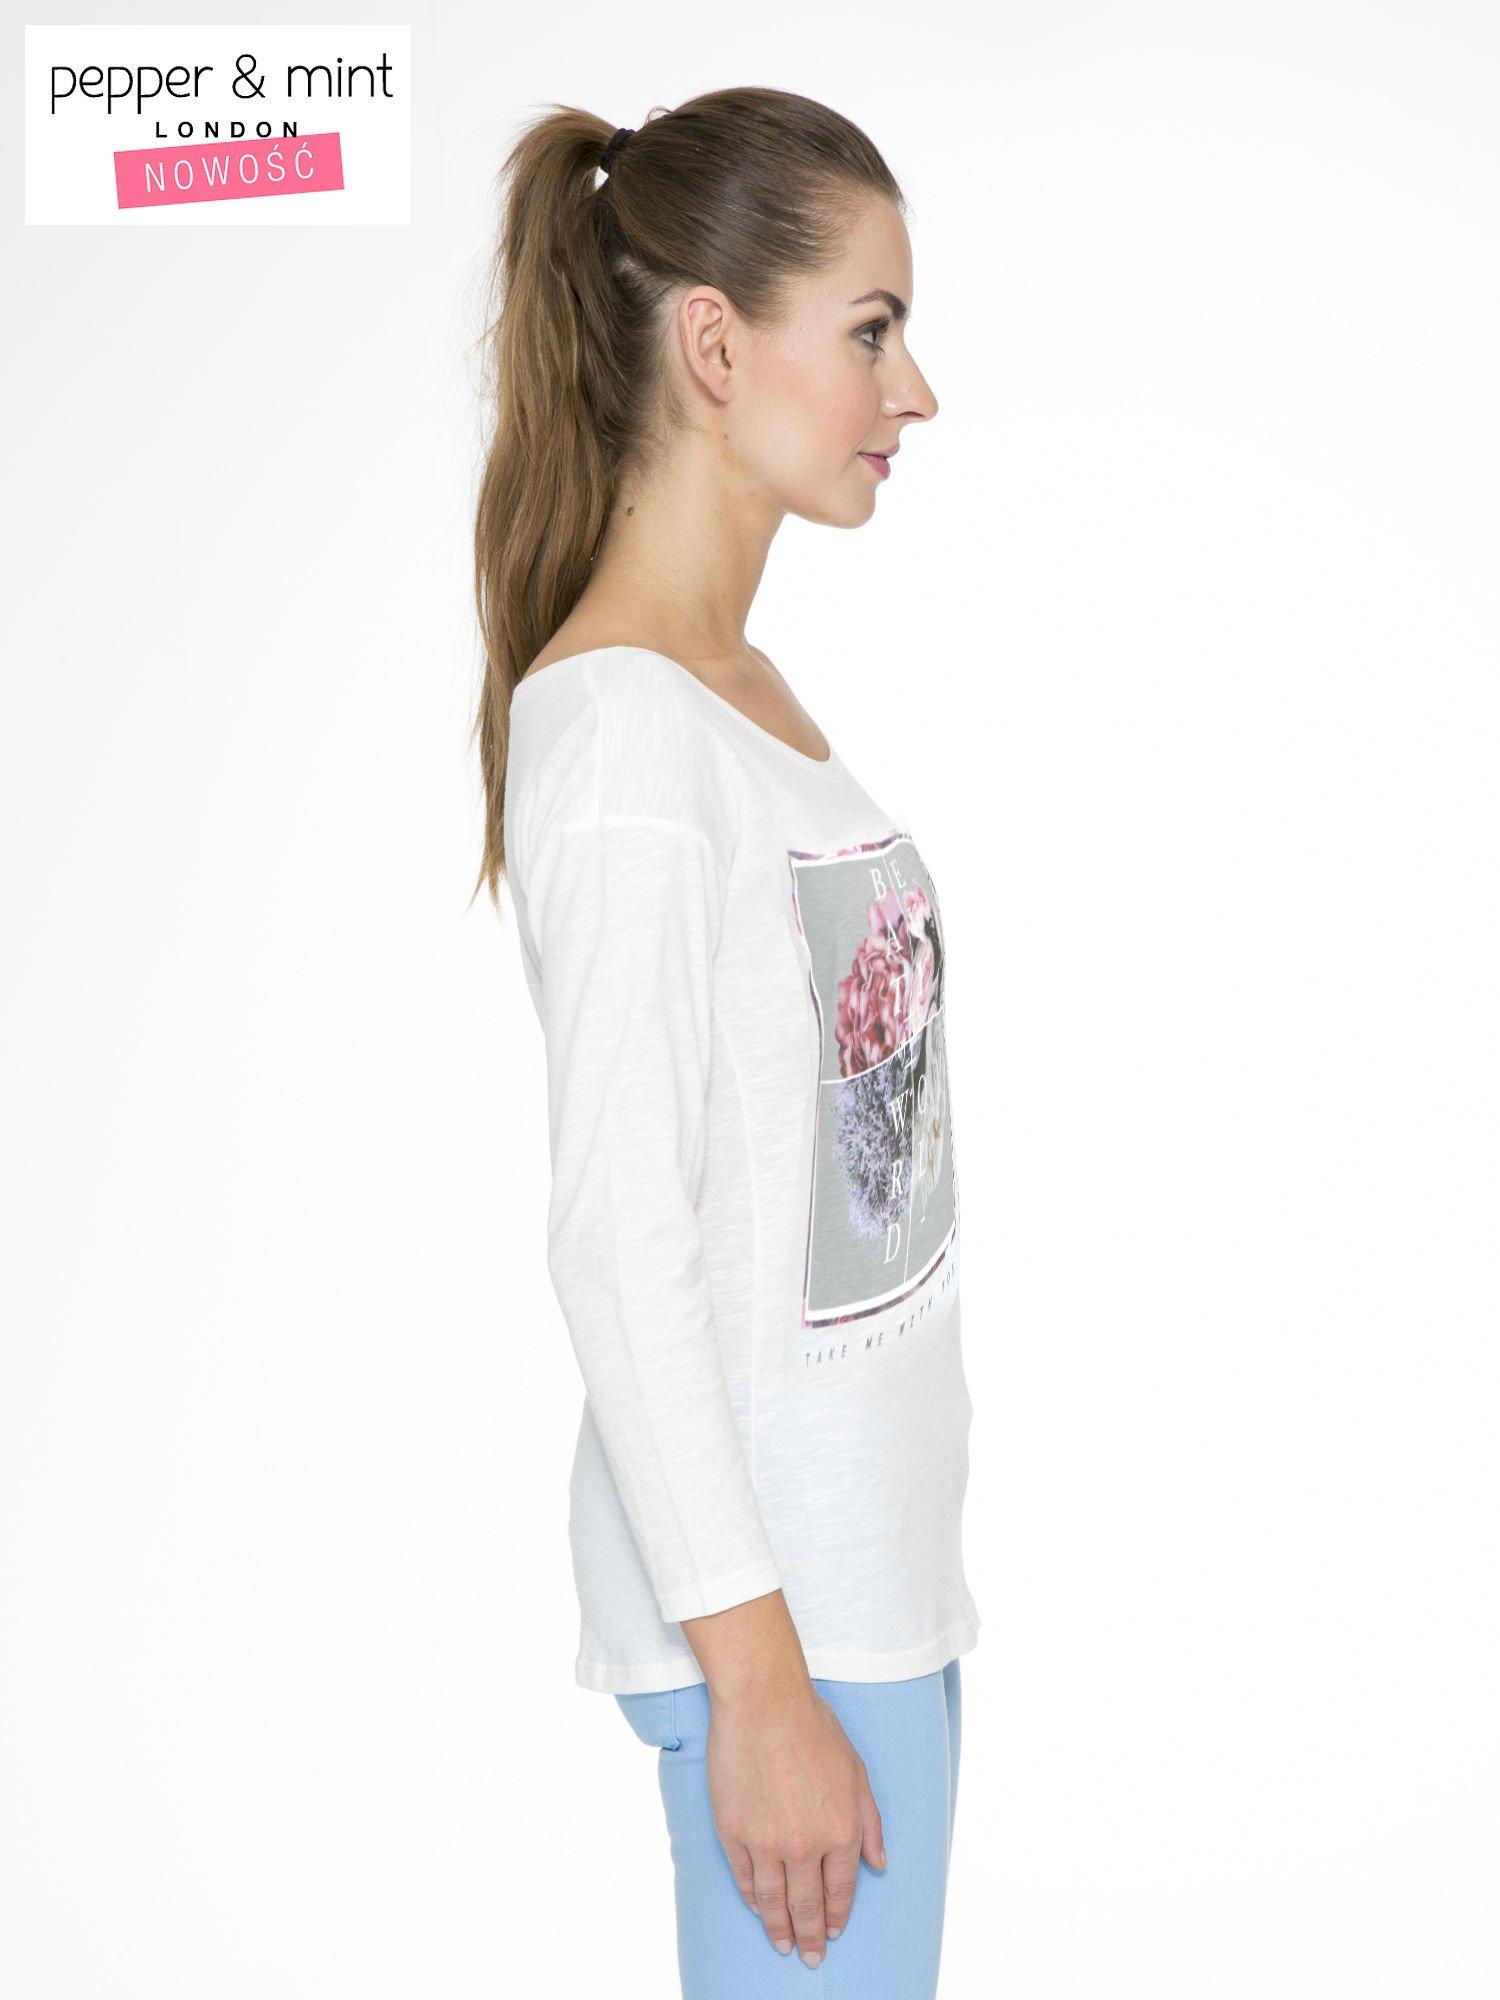 Ecru bluzka z nadrukiem kwiatów i napisem BEAUTY OF THE WORLD                                  zdj.                                  3